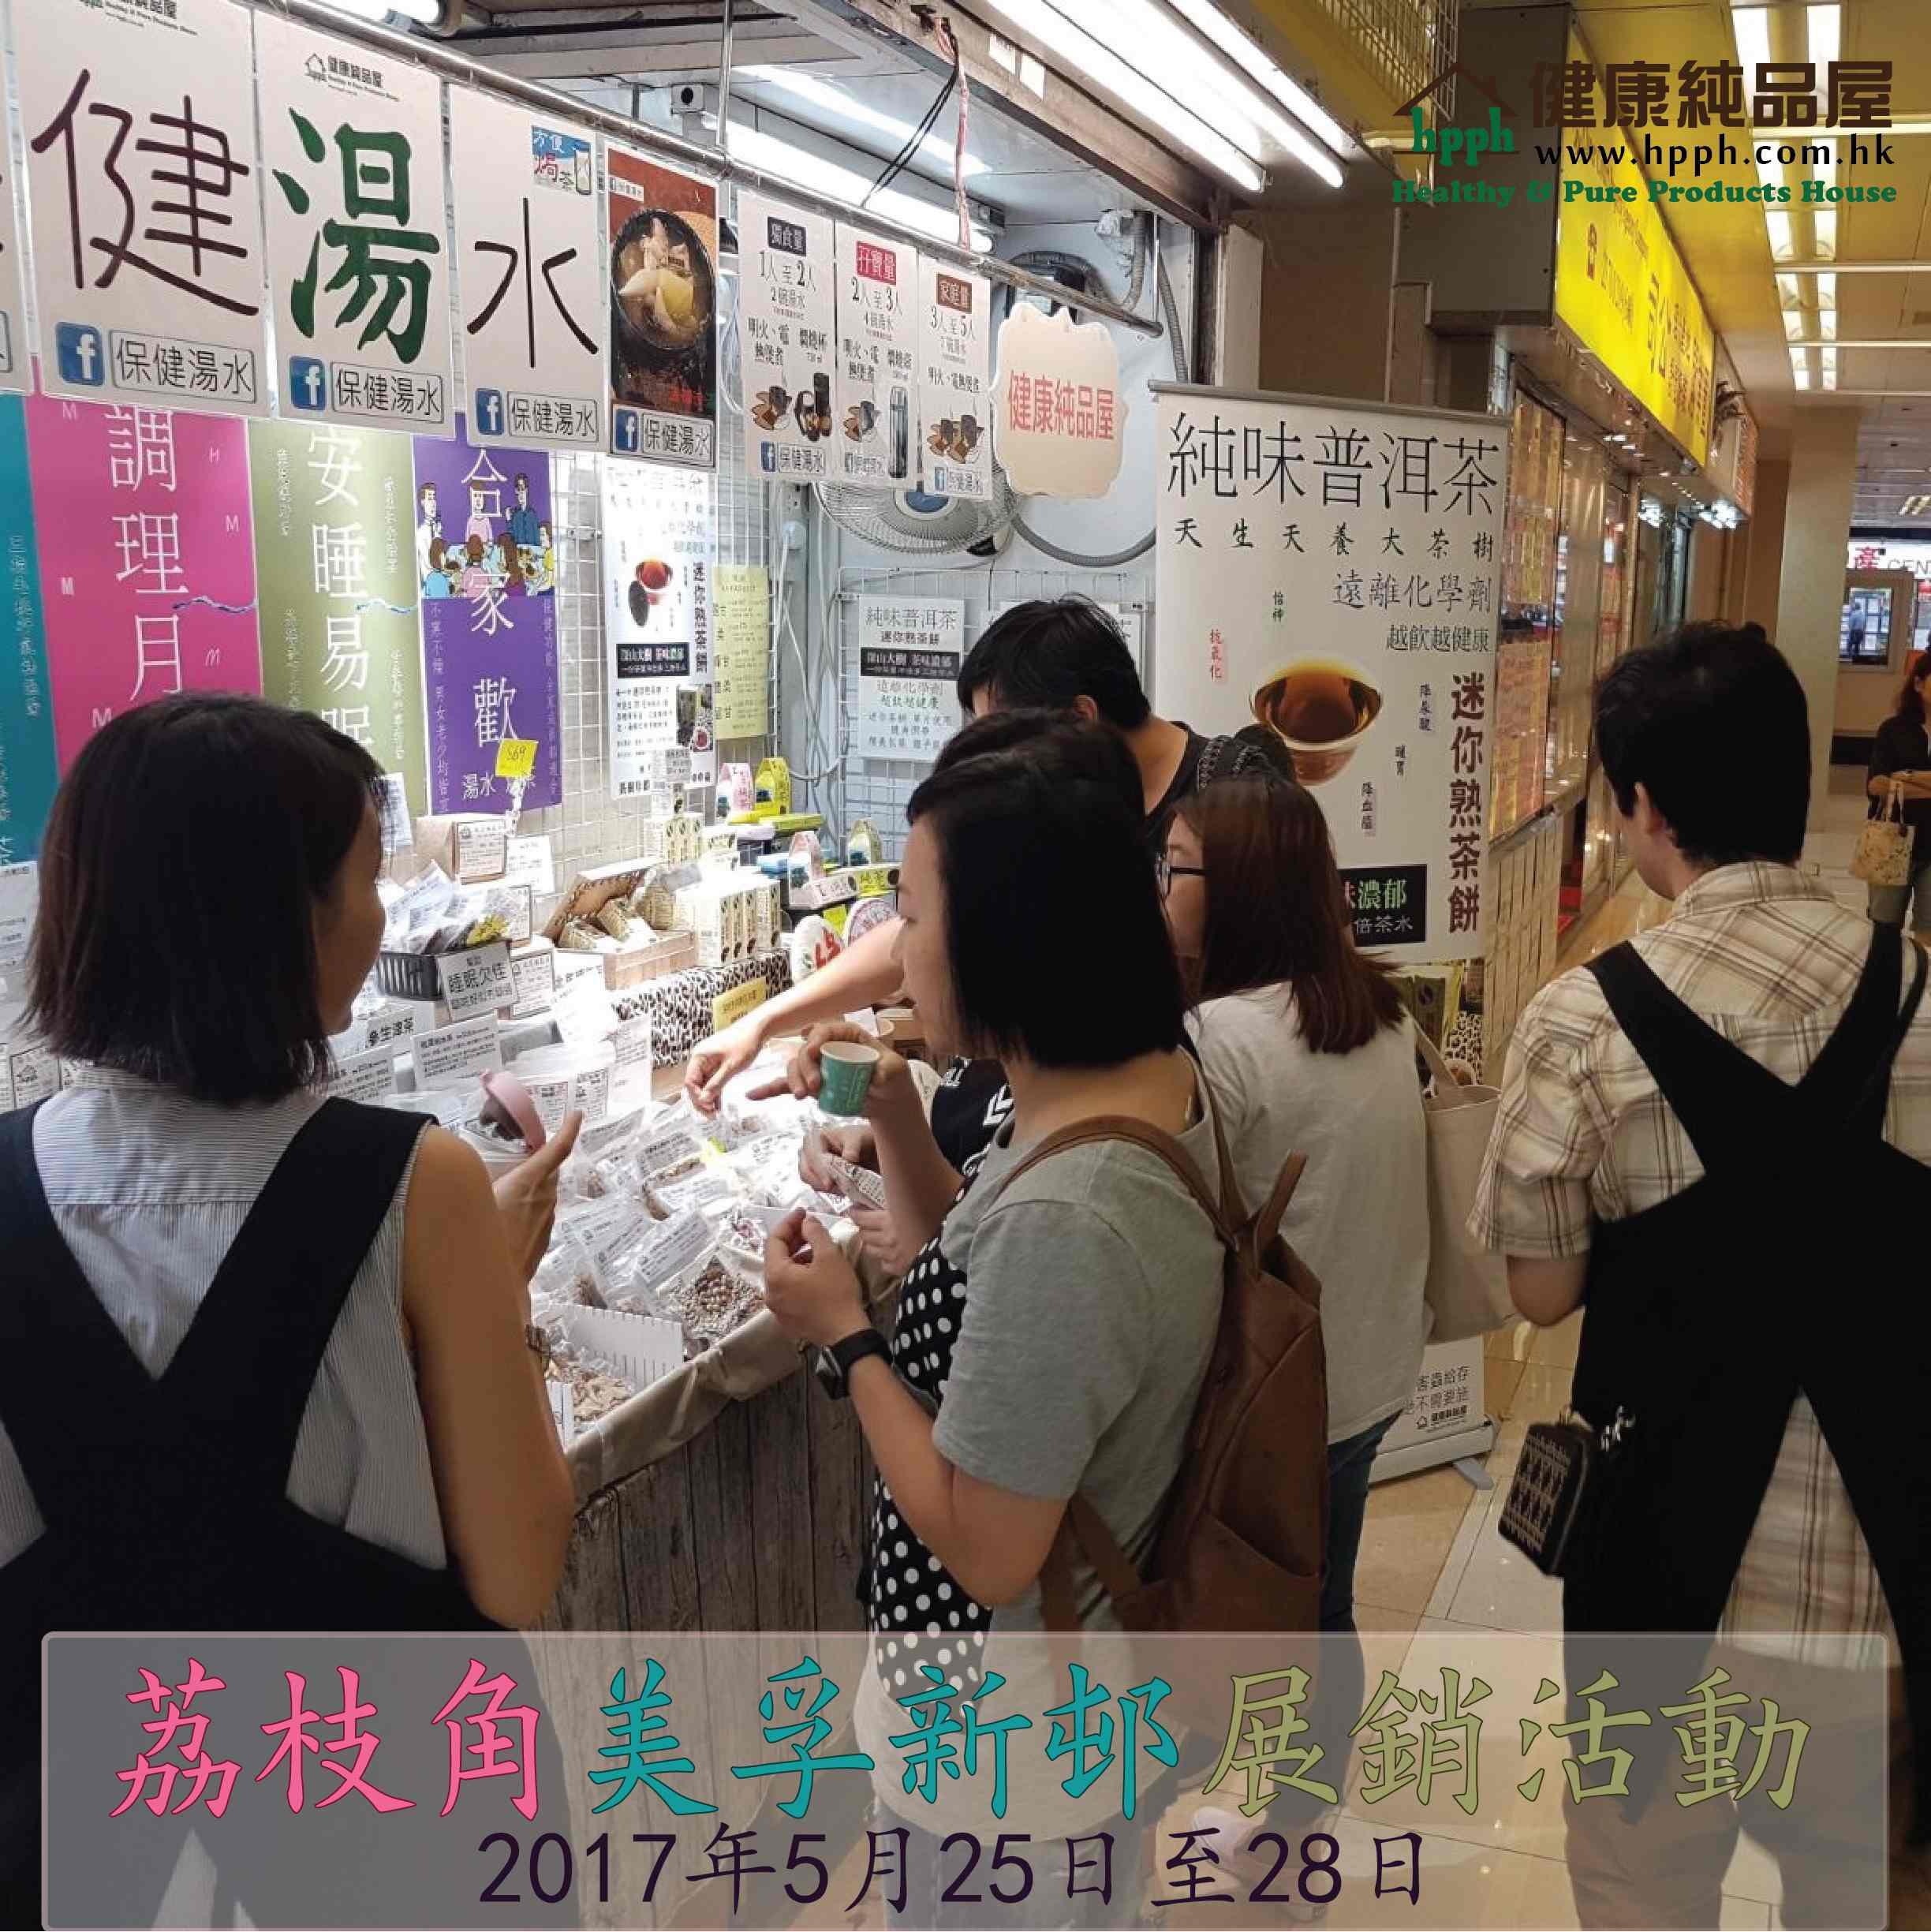 茘枝角美孚新邨商場展銷活動回顧 -- 2017年5月25日至28日 | 健康純品屋